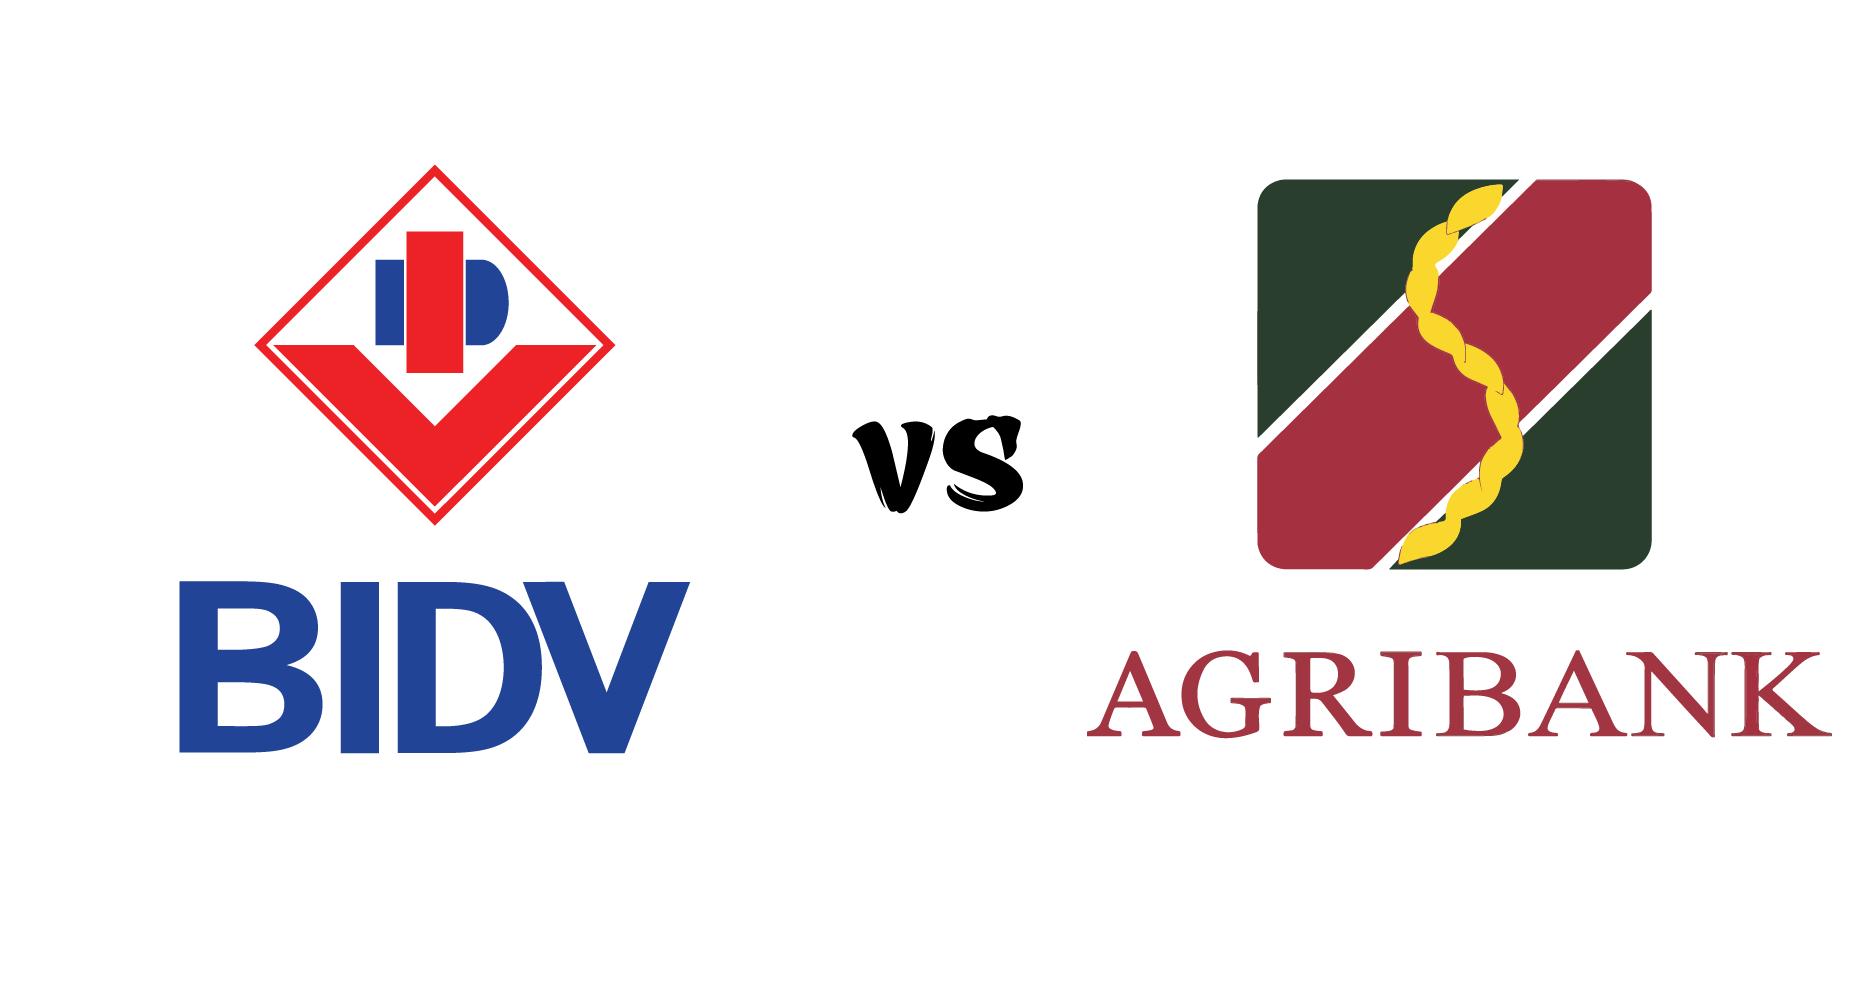 Cảm nhận của một người đã làm cả BIDV và Agribank - Bidv Logo PNG - Agribank PNG